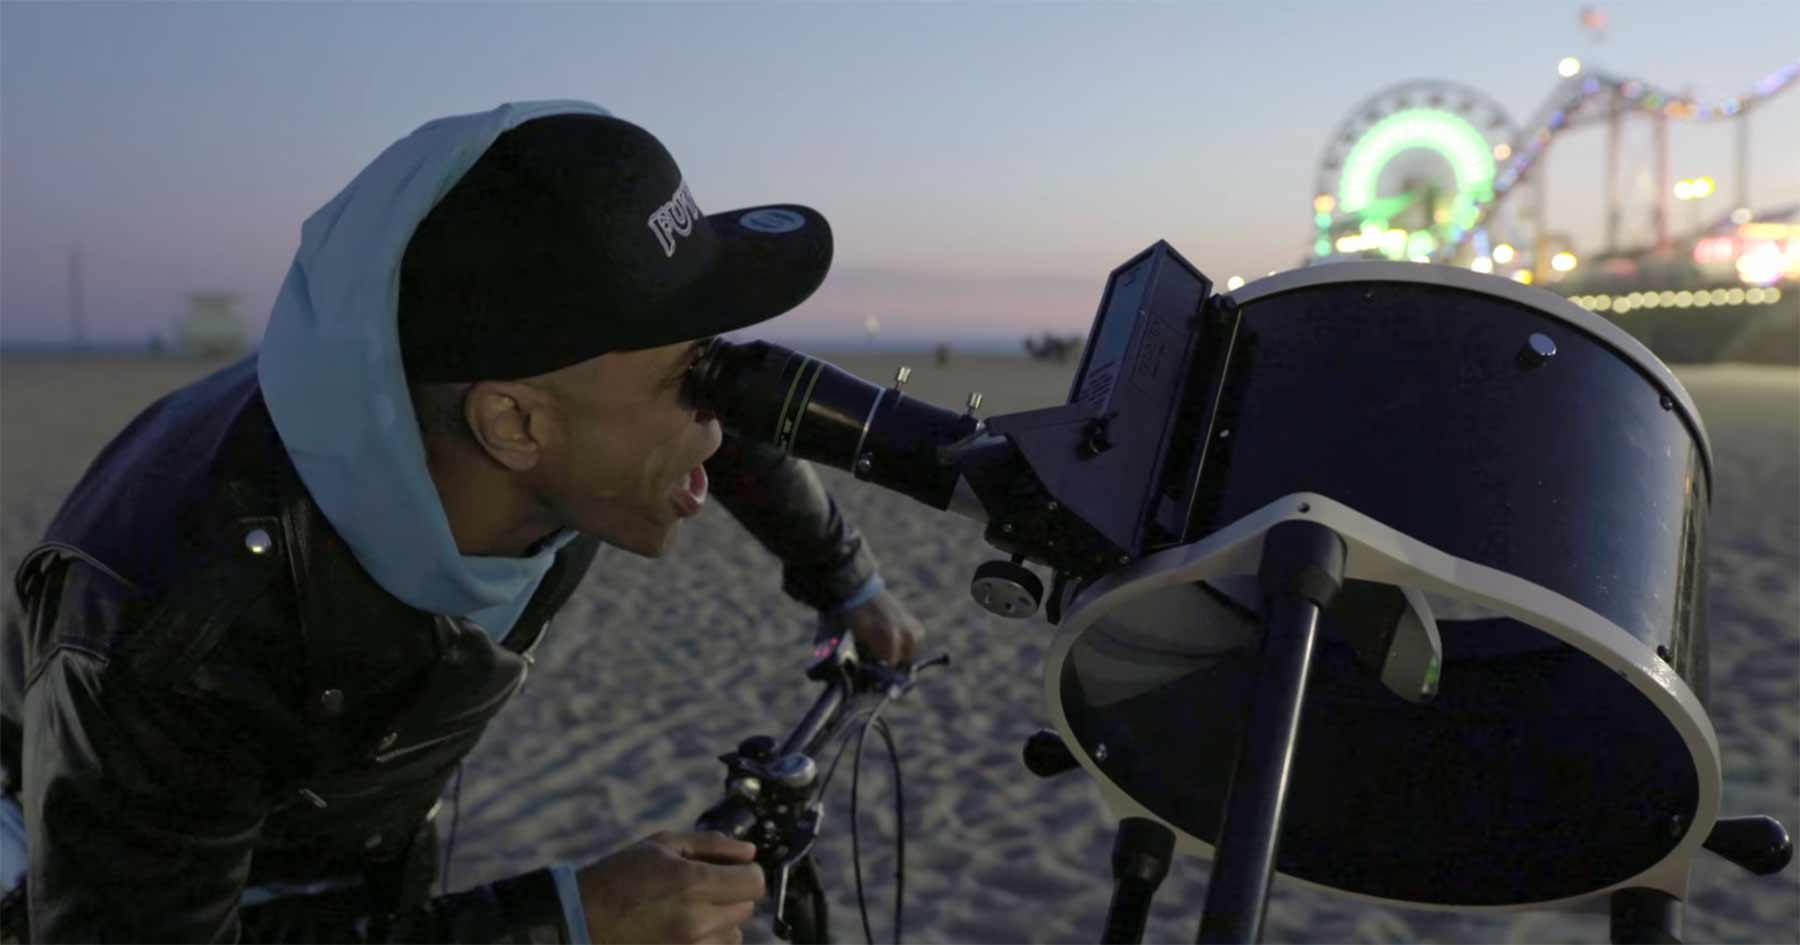 Ein Mondblick durchs öffentliche Teleskop hebt die Gemüter